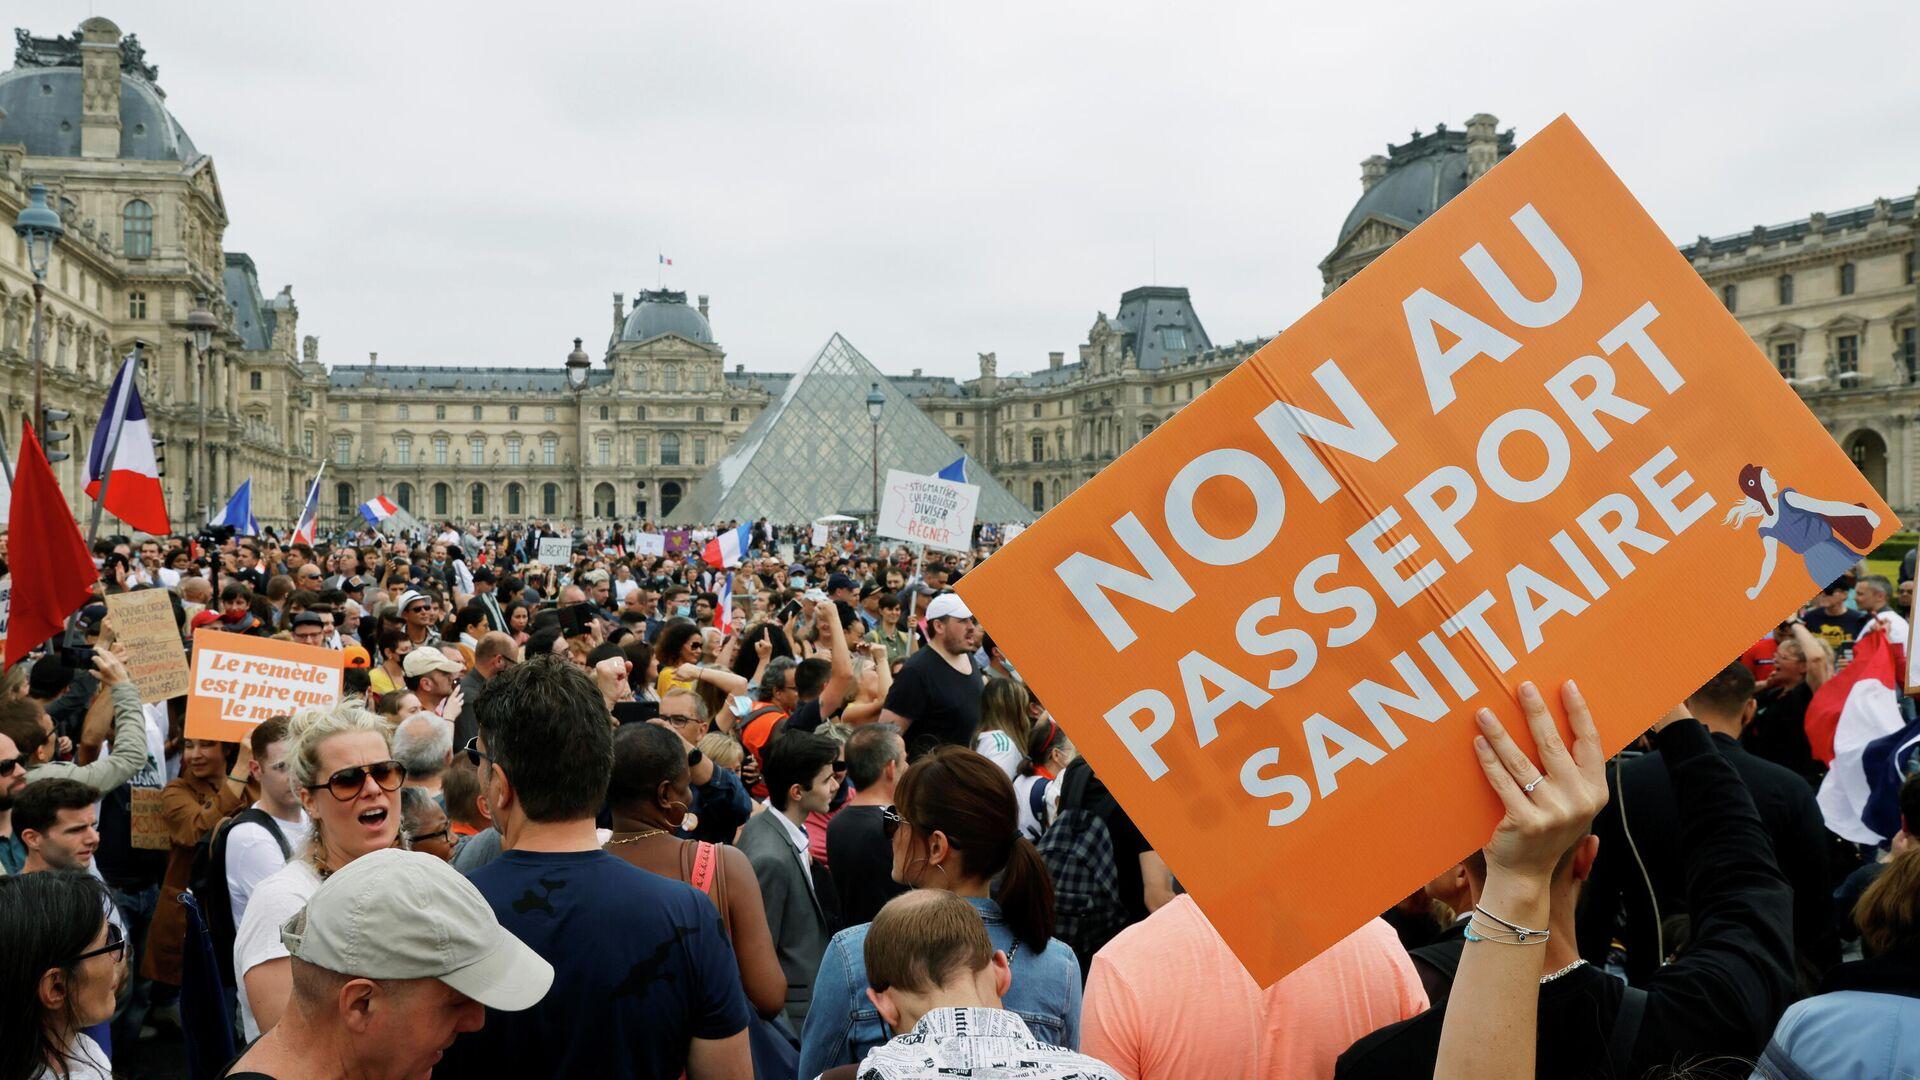 Manifestantes marchan contra el 'pasaporte COVID' y la vacunación obligatoria en París - Sputnik Mundo, 1920, 21.07.2021